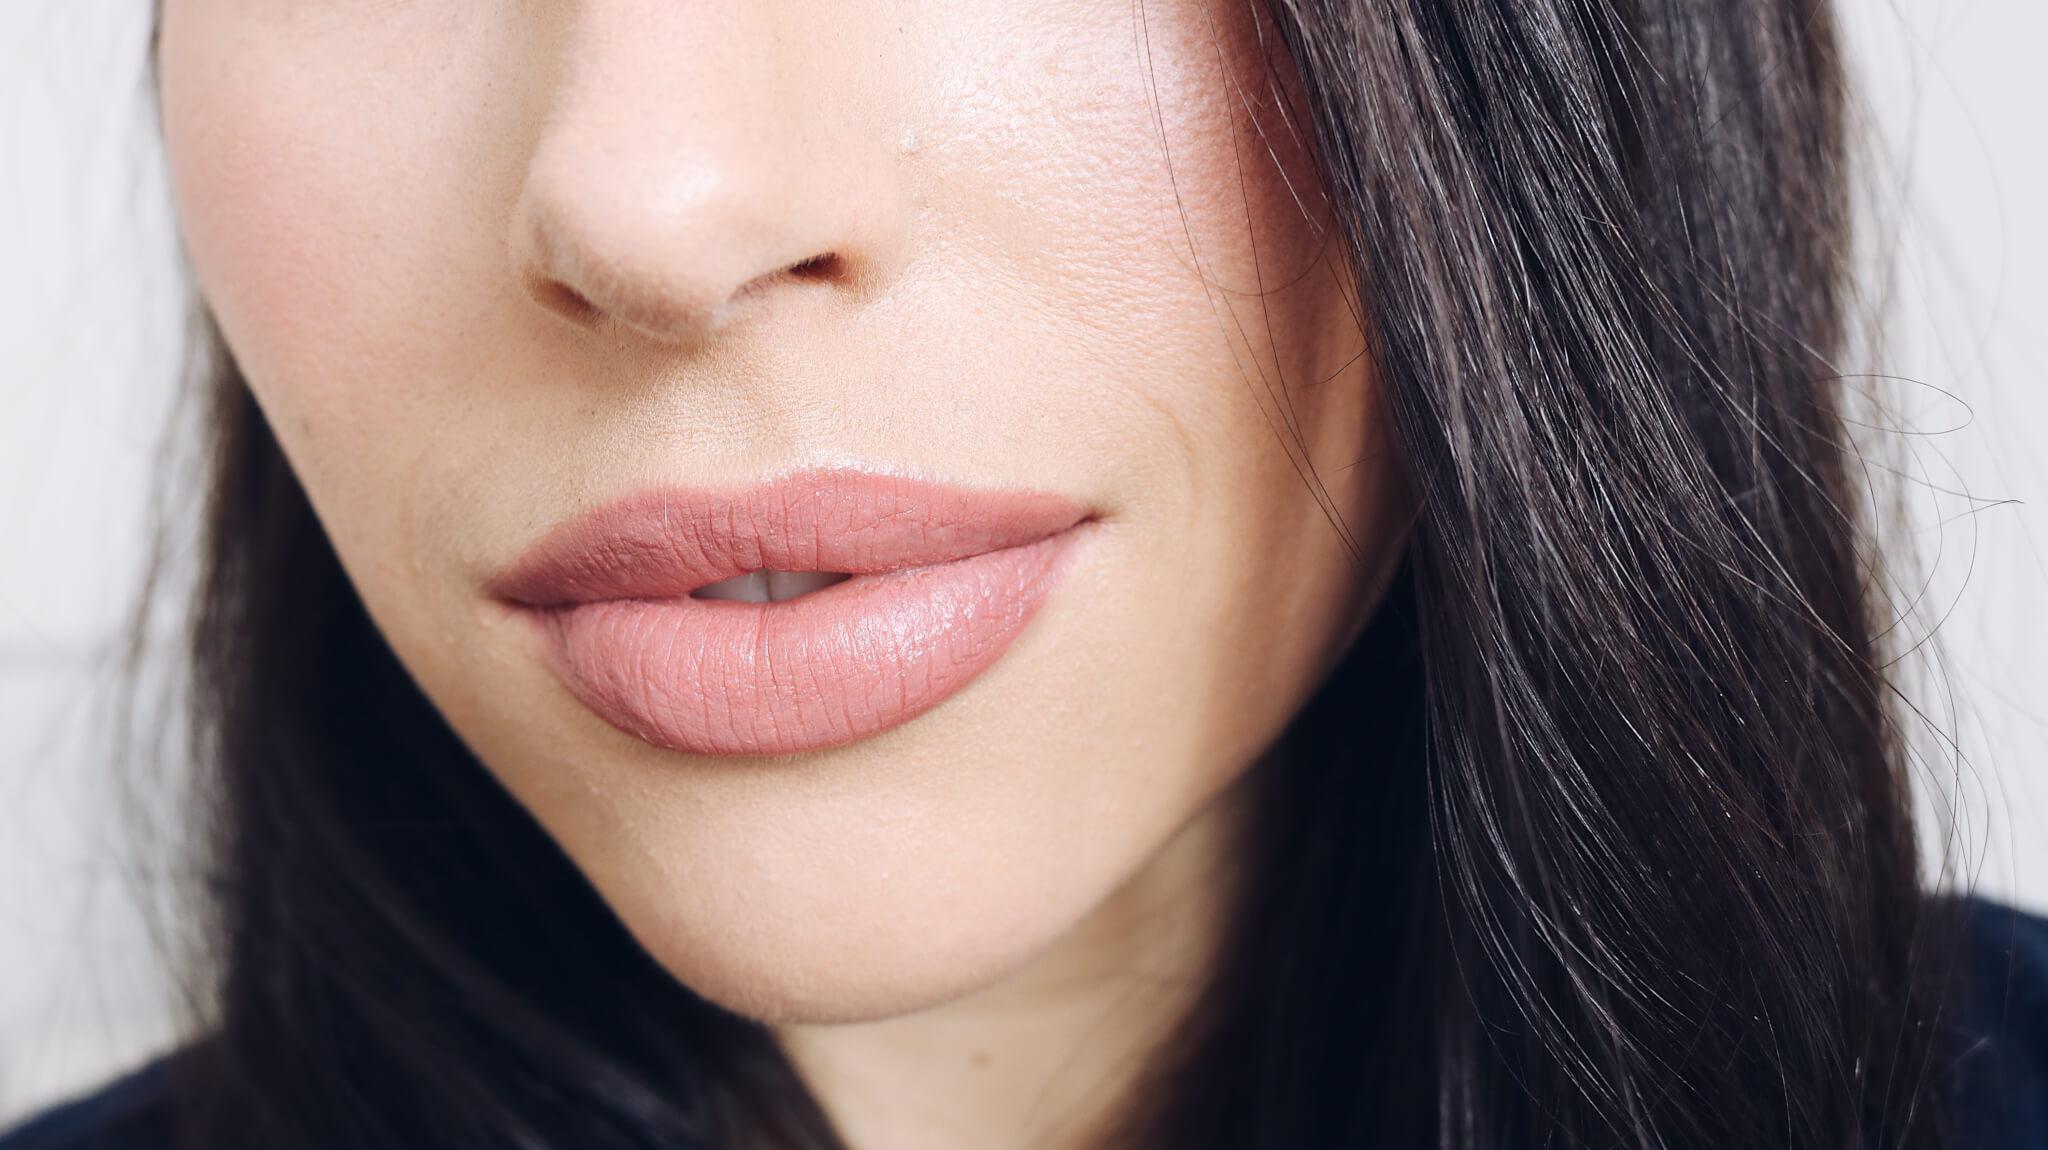 L.O.V Makeup